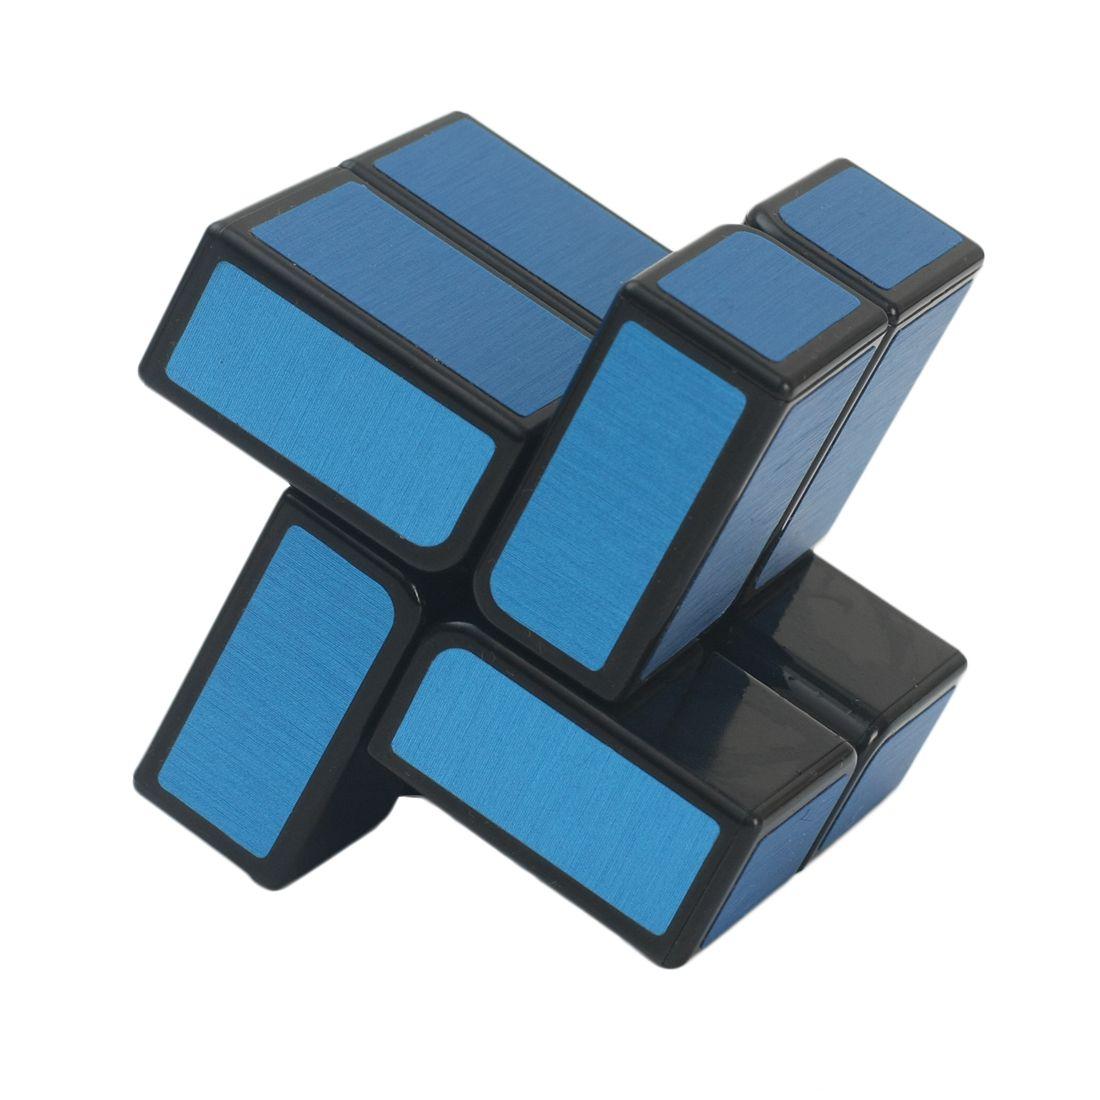 HelloCube Paralelepípedo Rectángulo 2x2x2 Cubo Mágico Cubo de la Velocidad del Molino de viento-Rojo